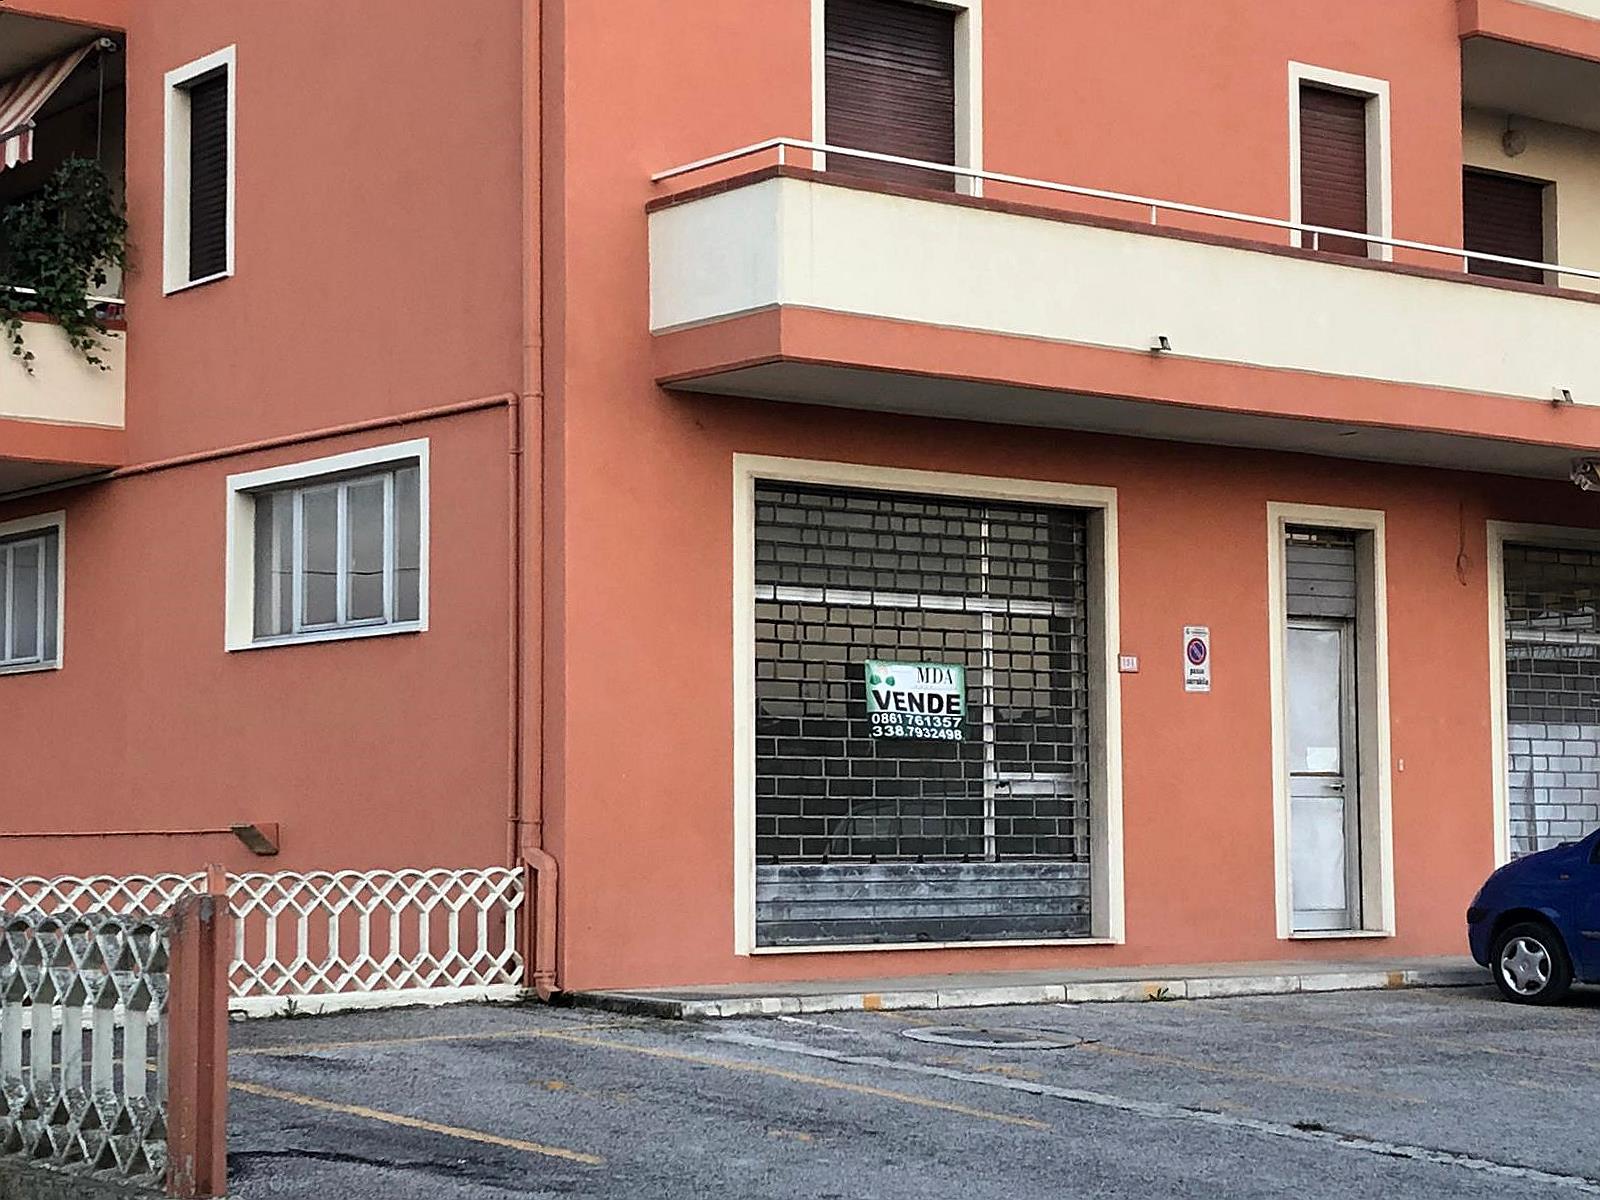 Negozio / Locale in vendita a Corropoli, 9999 locali, zona Località: Bivio, prezzo € 27.000   CambioCasa.it